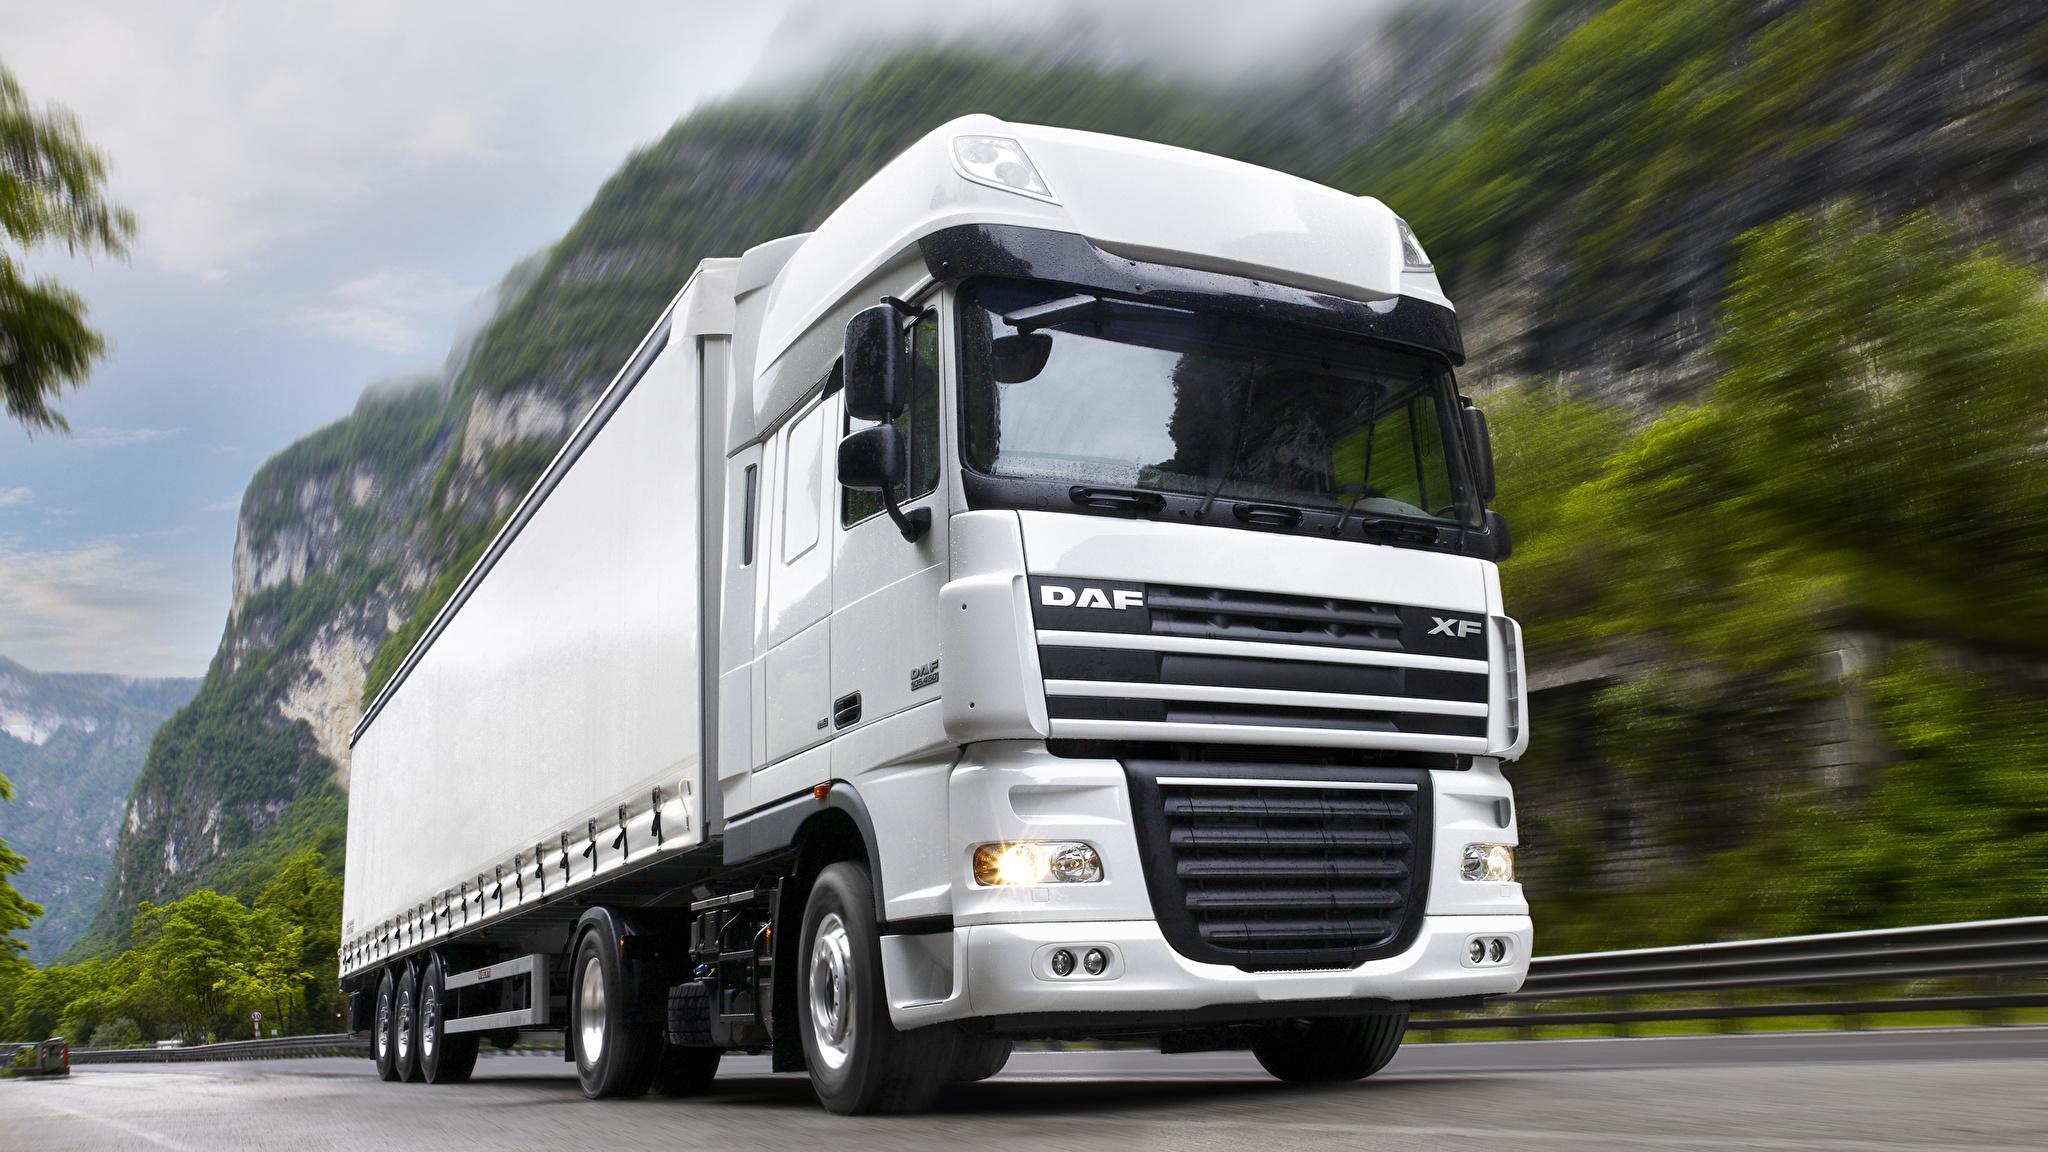 A nemzetközi gyűjtő szállítmányozás segítségével a kisebb szállítmányokat is olcsón viszik